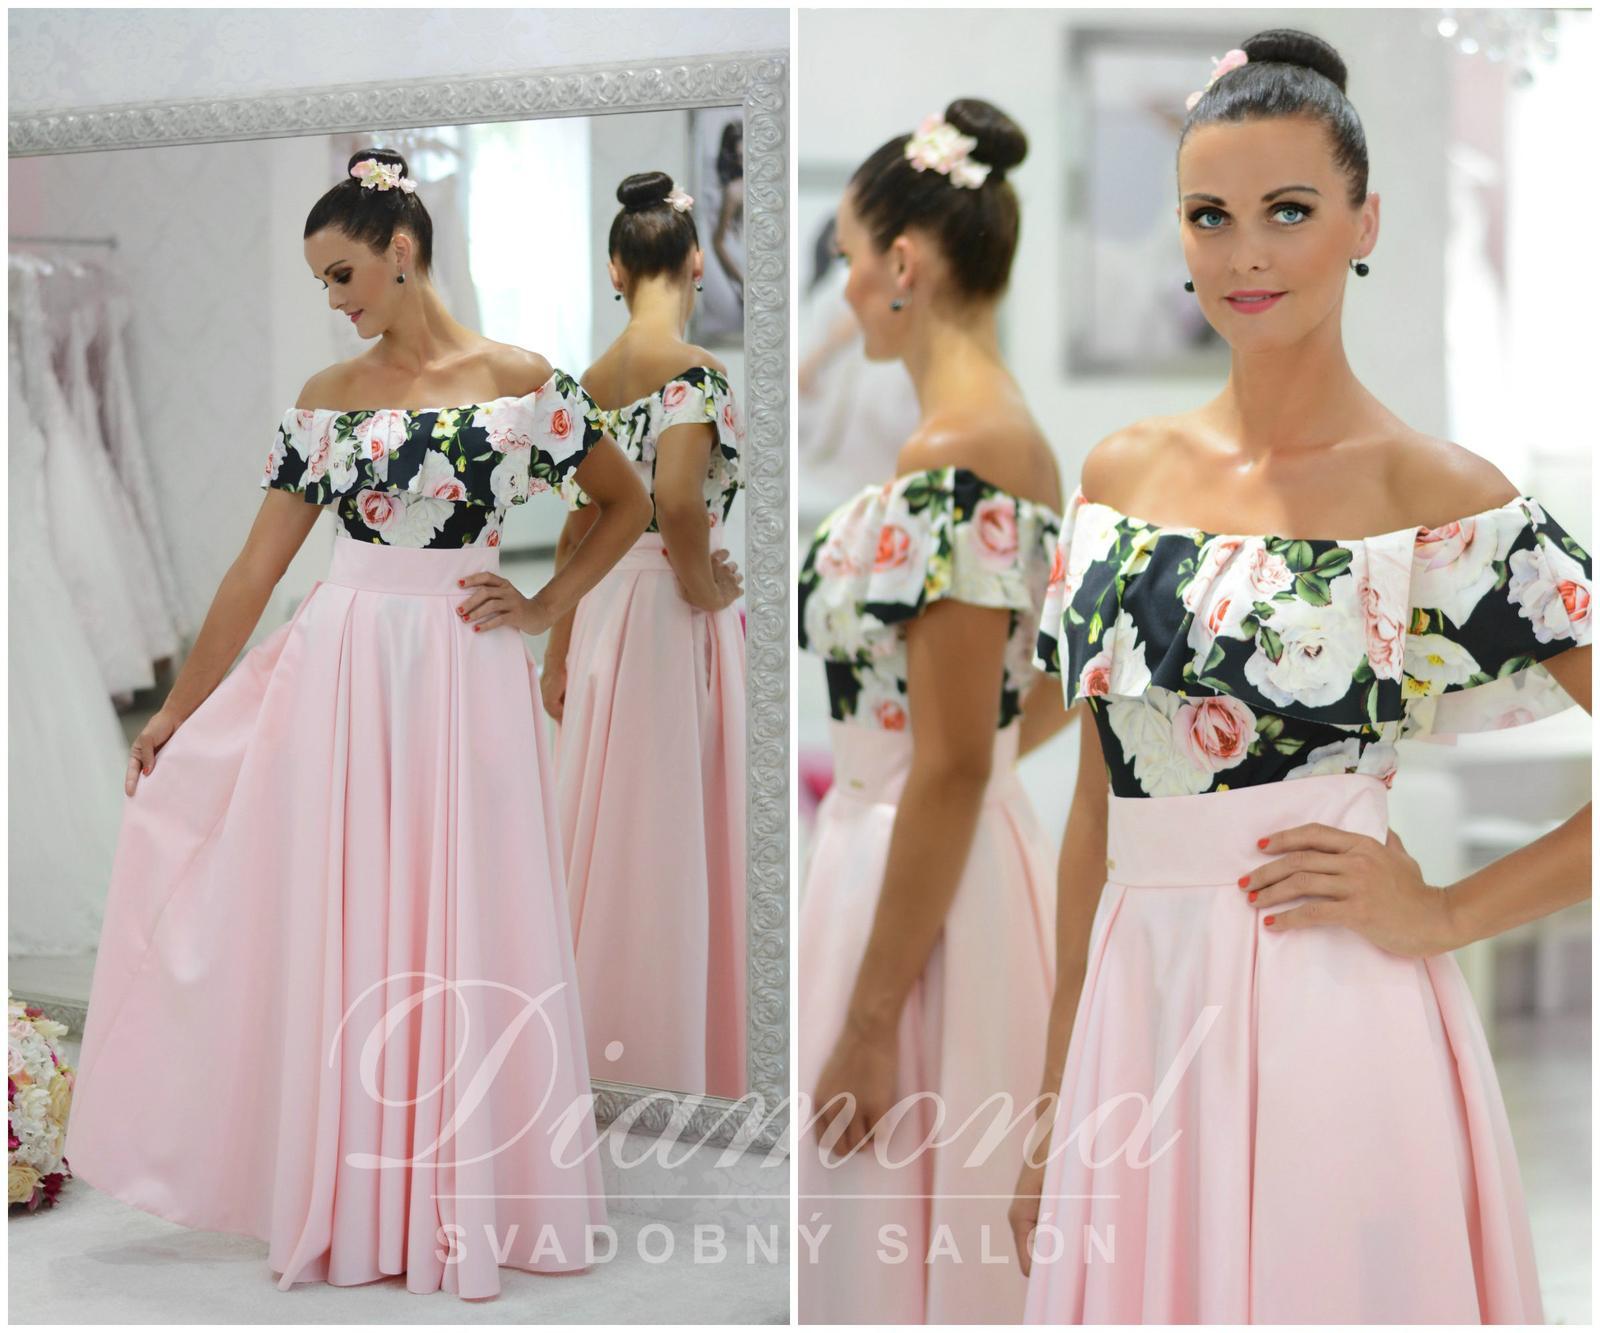 10b2eef7dd25 Štýlová saténová púdrovo-ružová sukňa